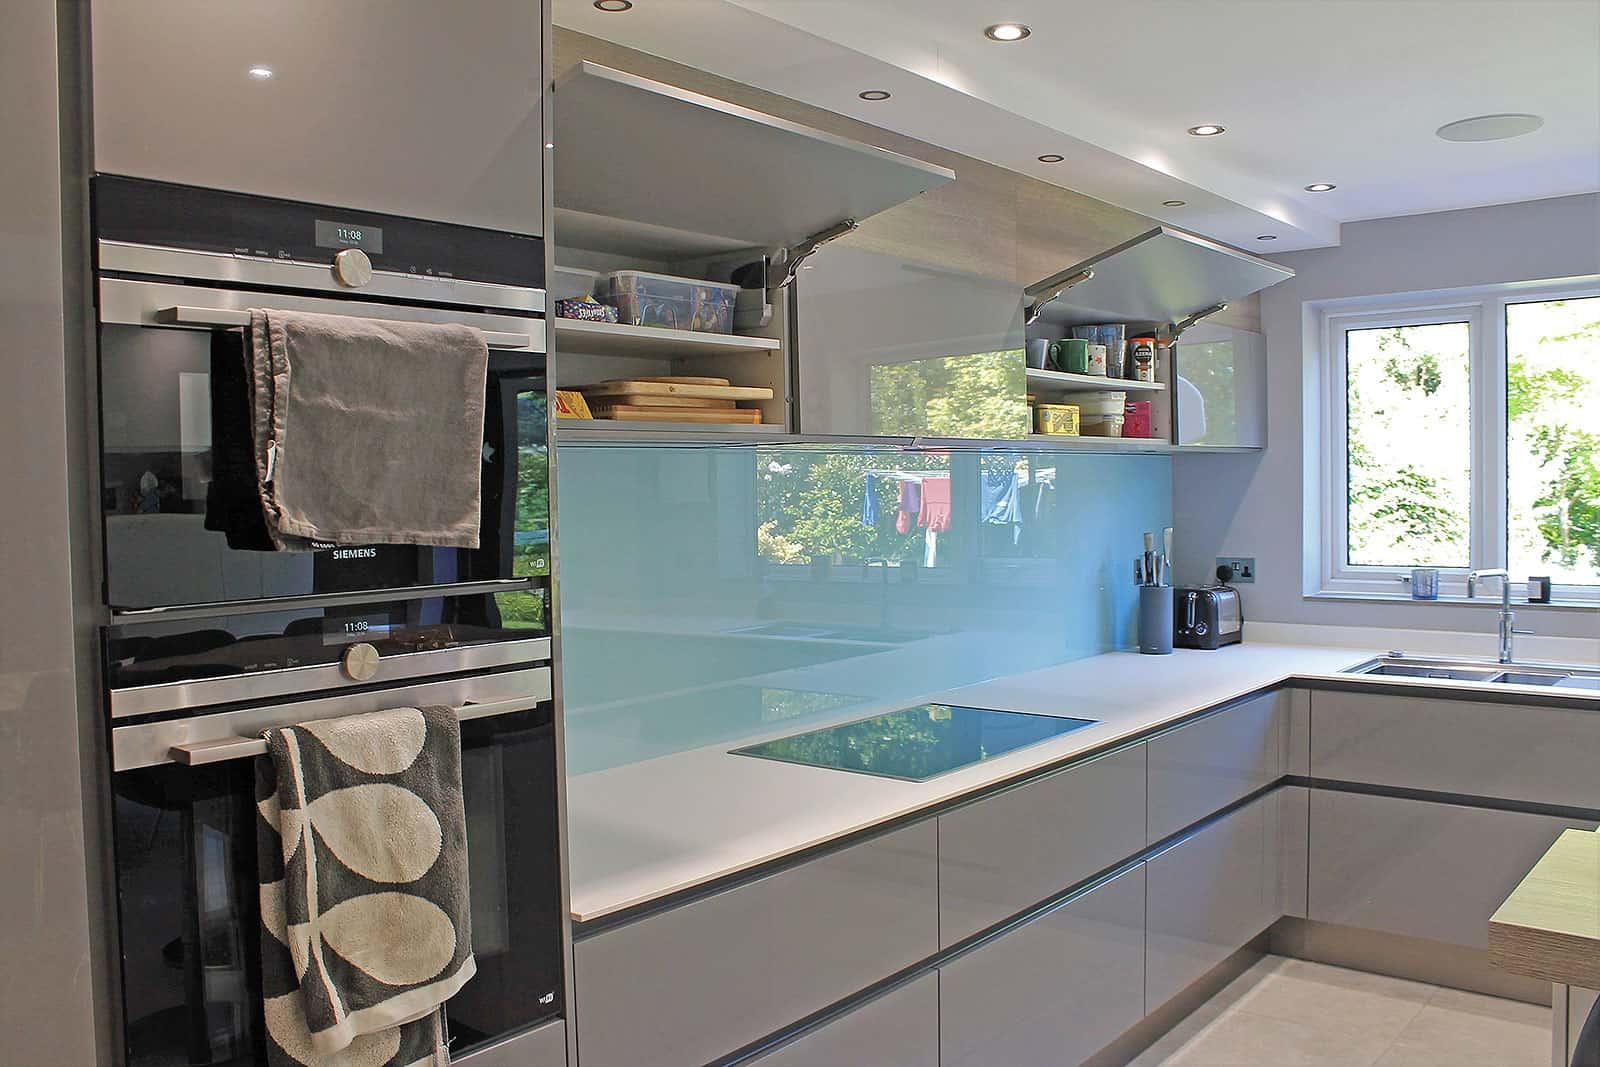 Sleek cabinets